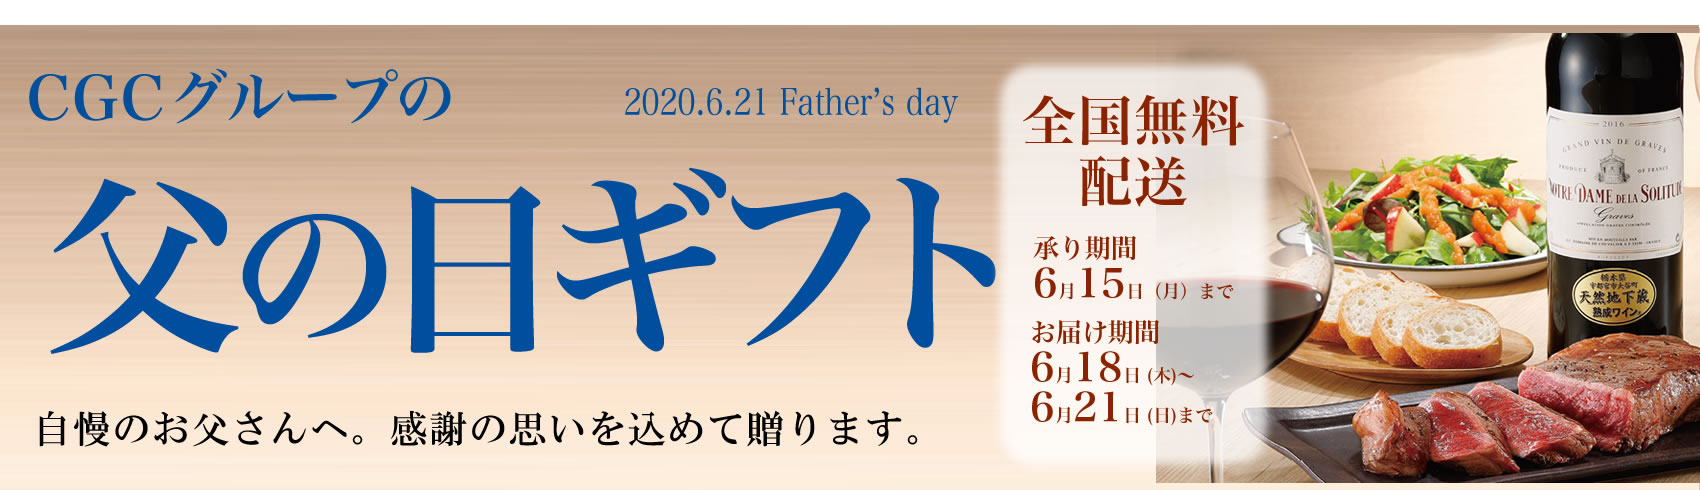 父の日ギフト2020